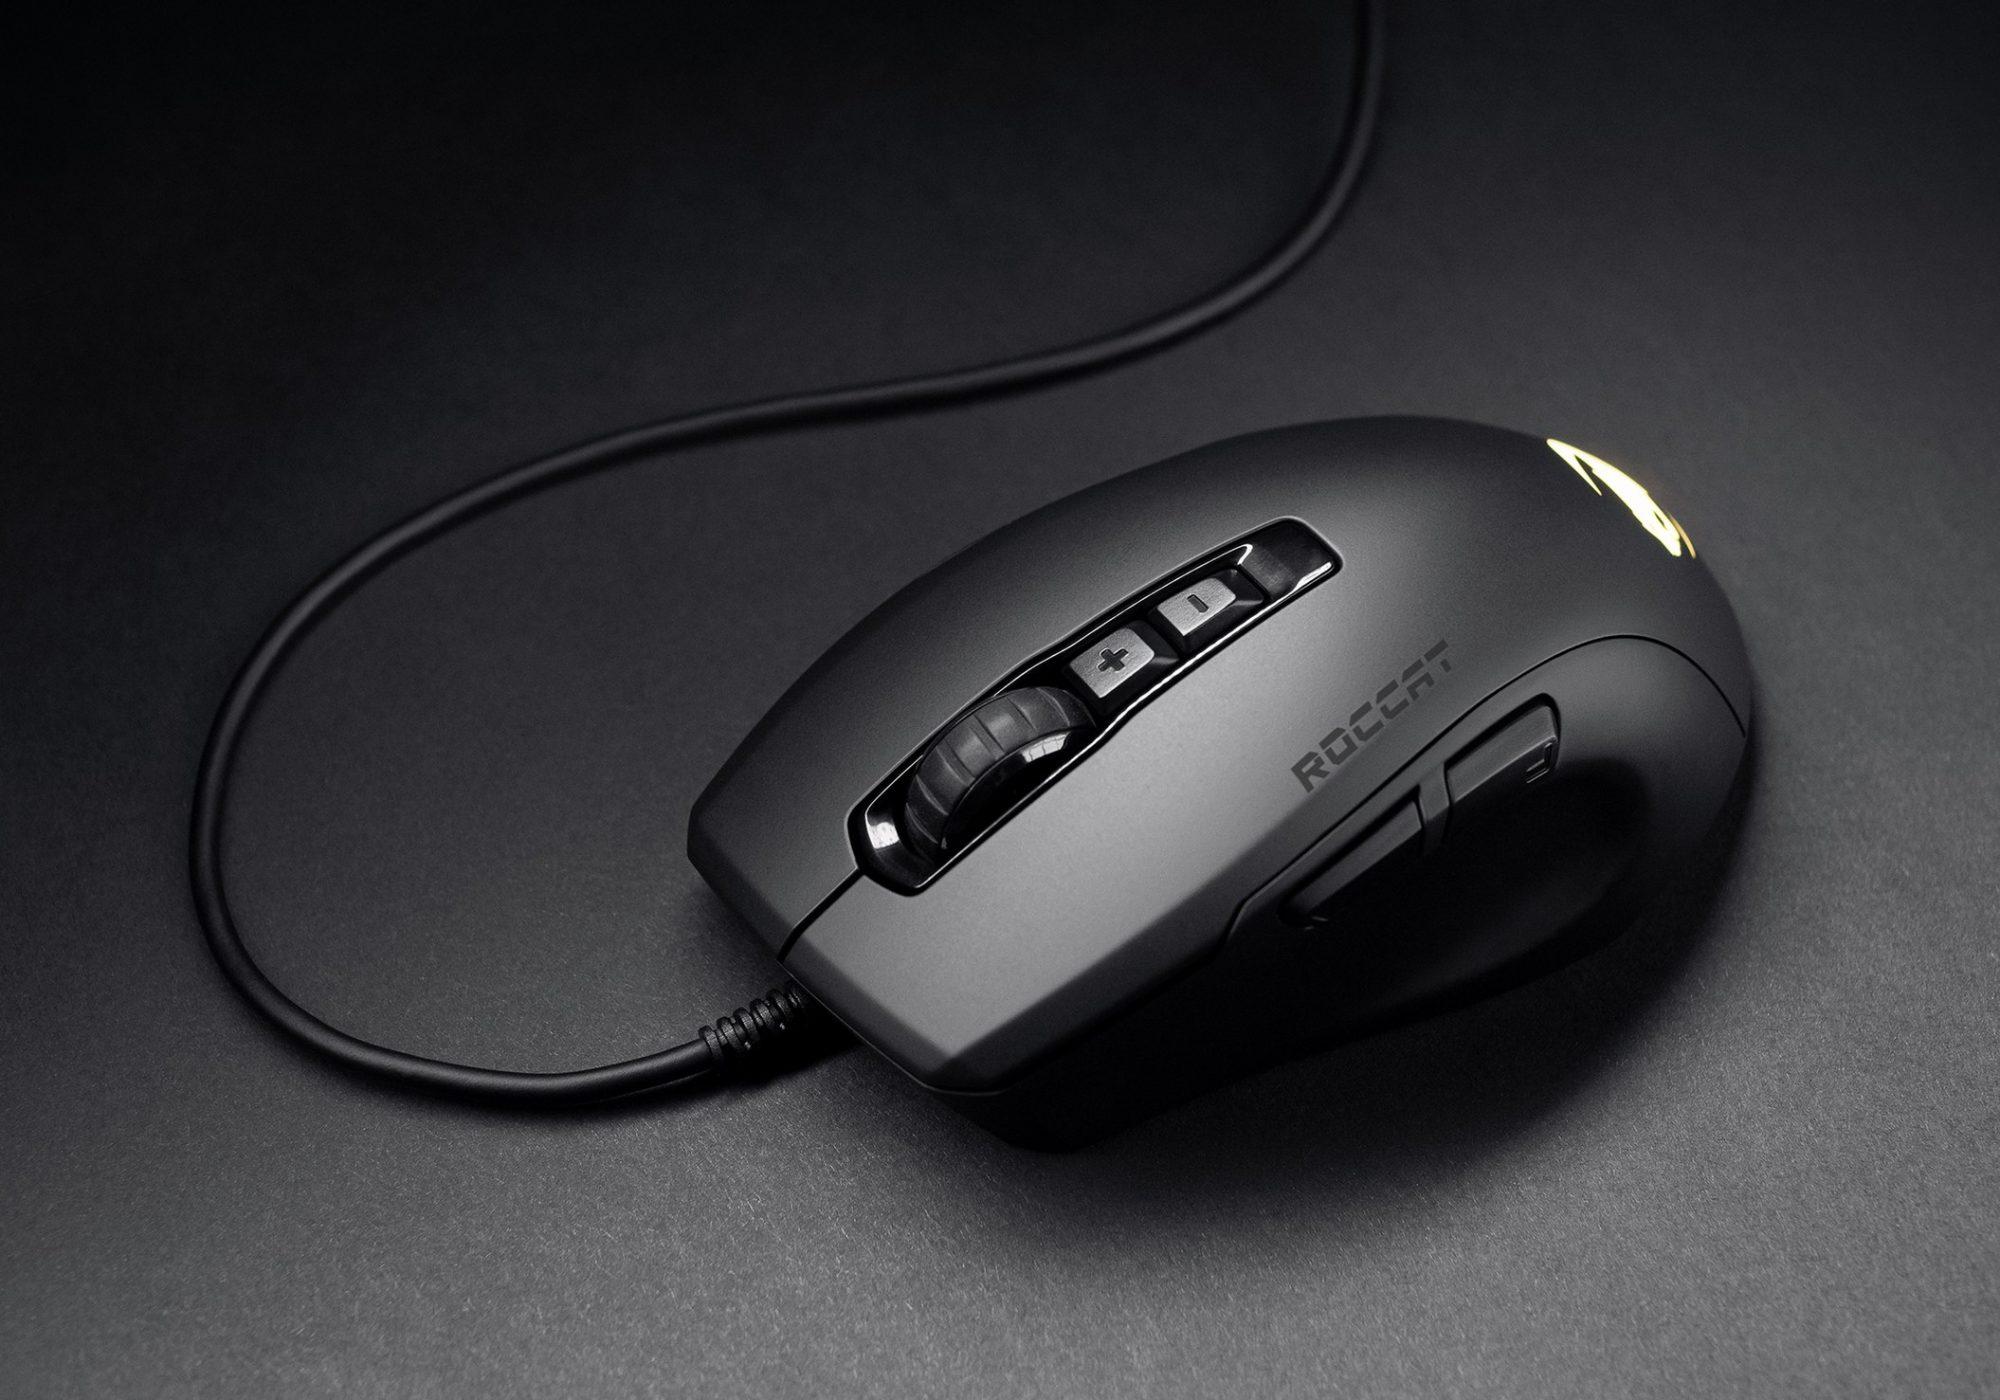 Roccat lancia il nuovo Kone Pure Ultra, mouse da gaming ultraleggero thumbnail